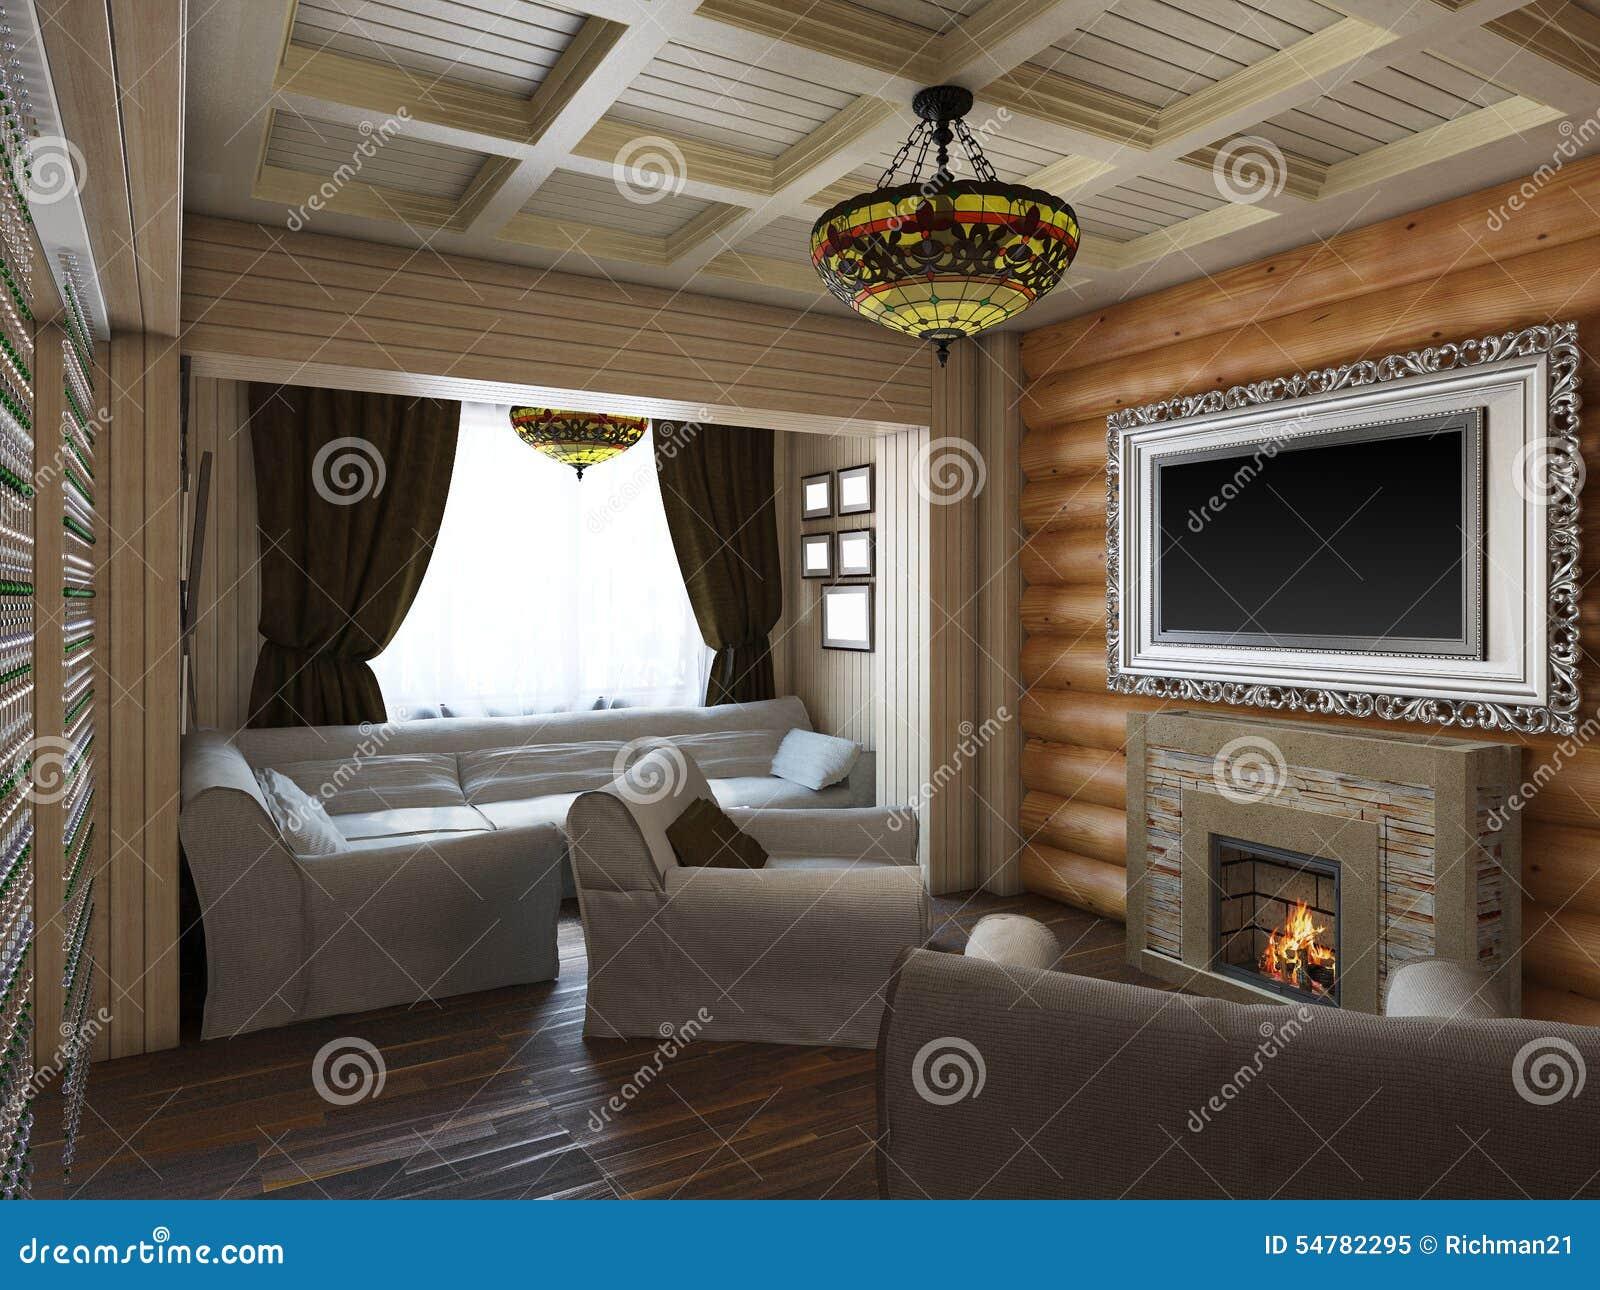 3d illustratie van binnenlands ontwerp van een slaapkamer in het